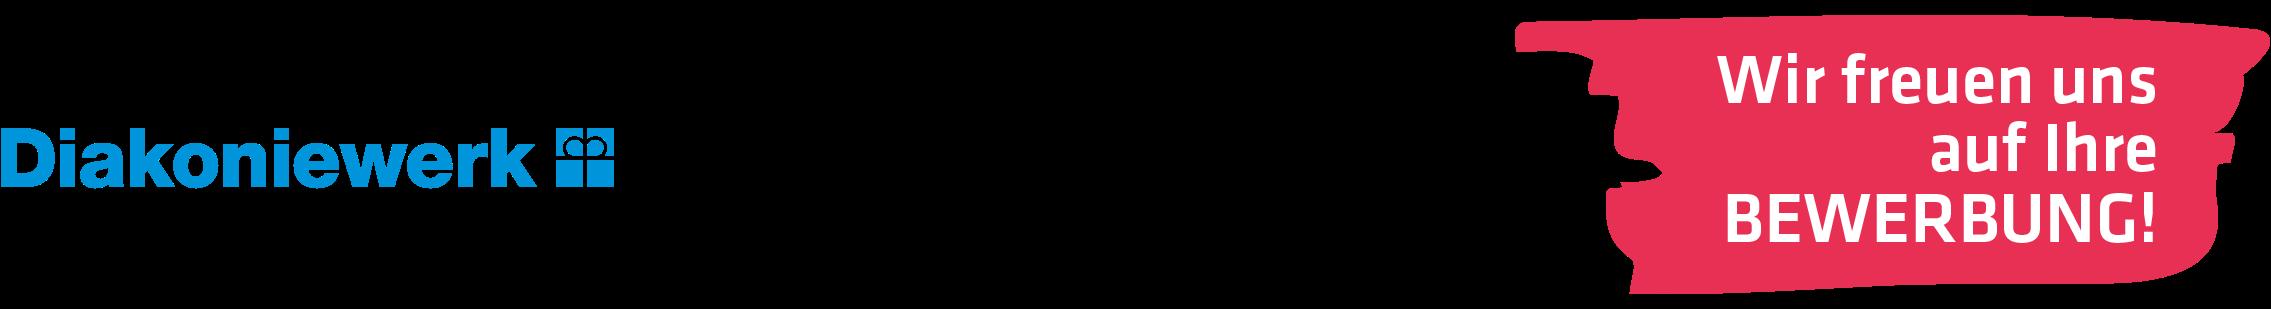 Diakoniewerk